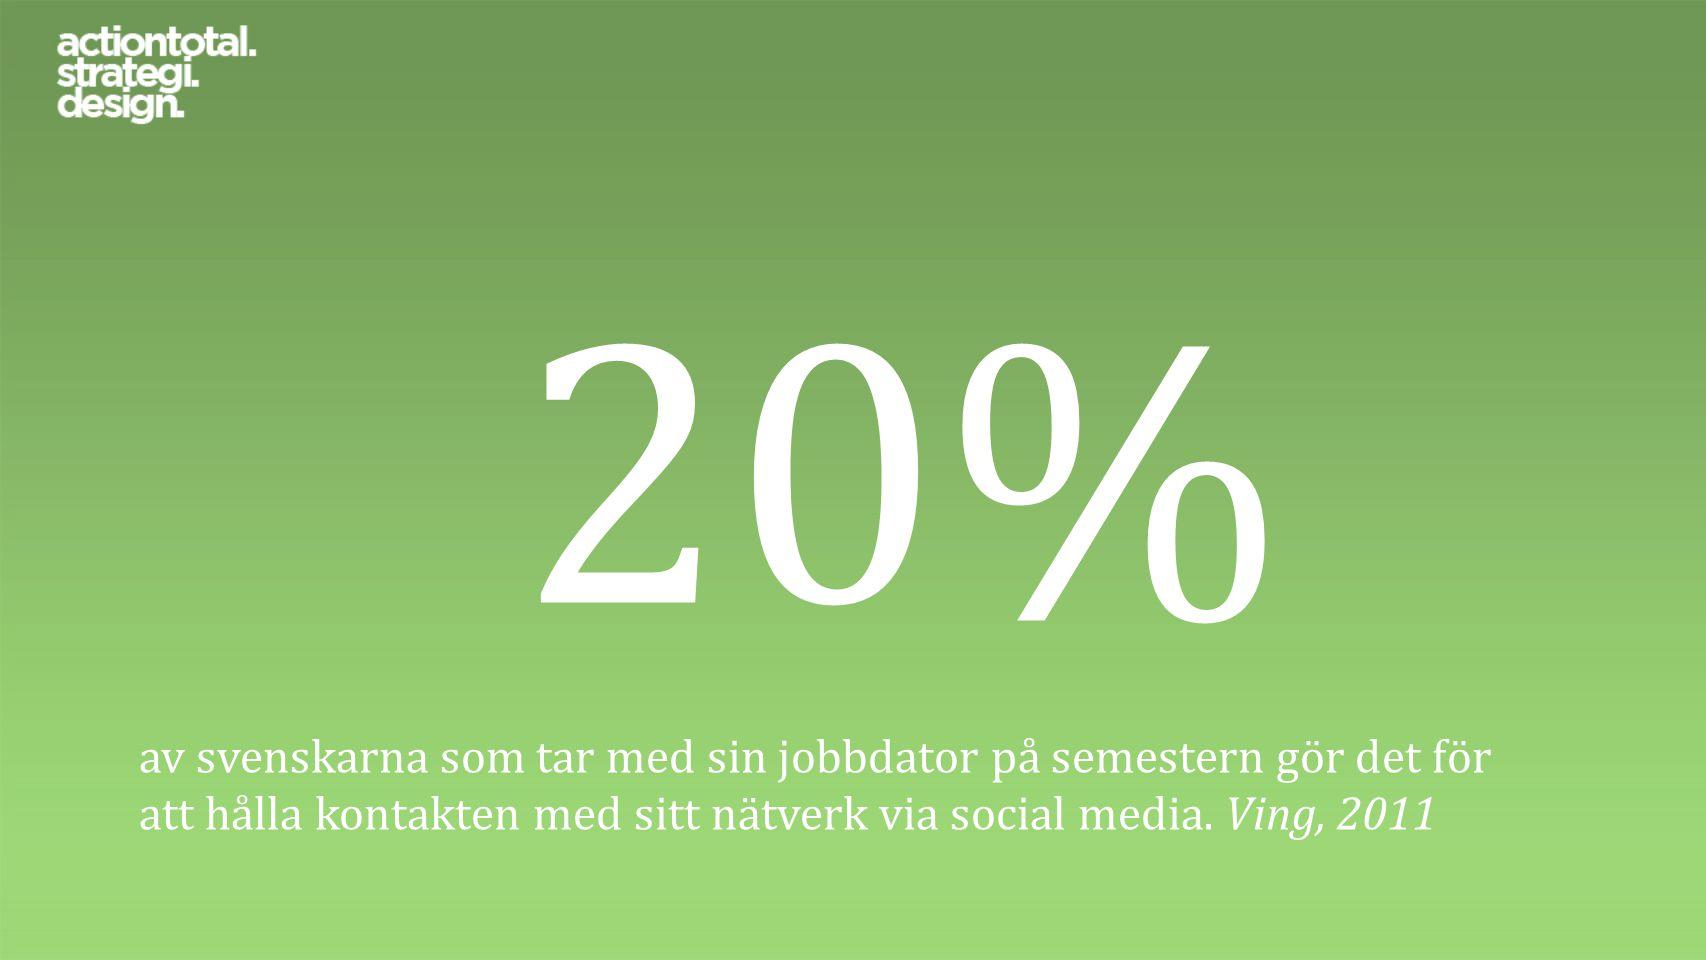 20% av svenskarna som tar med sin jobbdator på semestern gör det för att hålla kontakten med sitt nätverk via social media. Ving, 2011